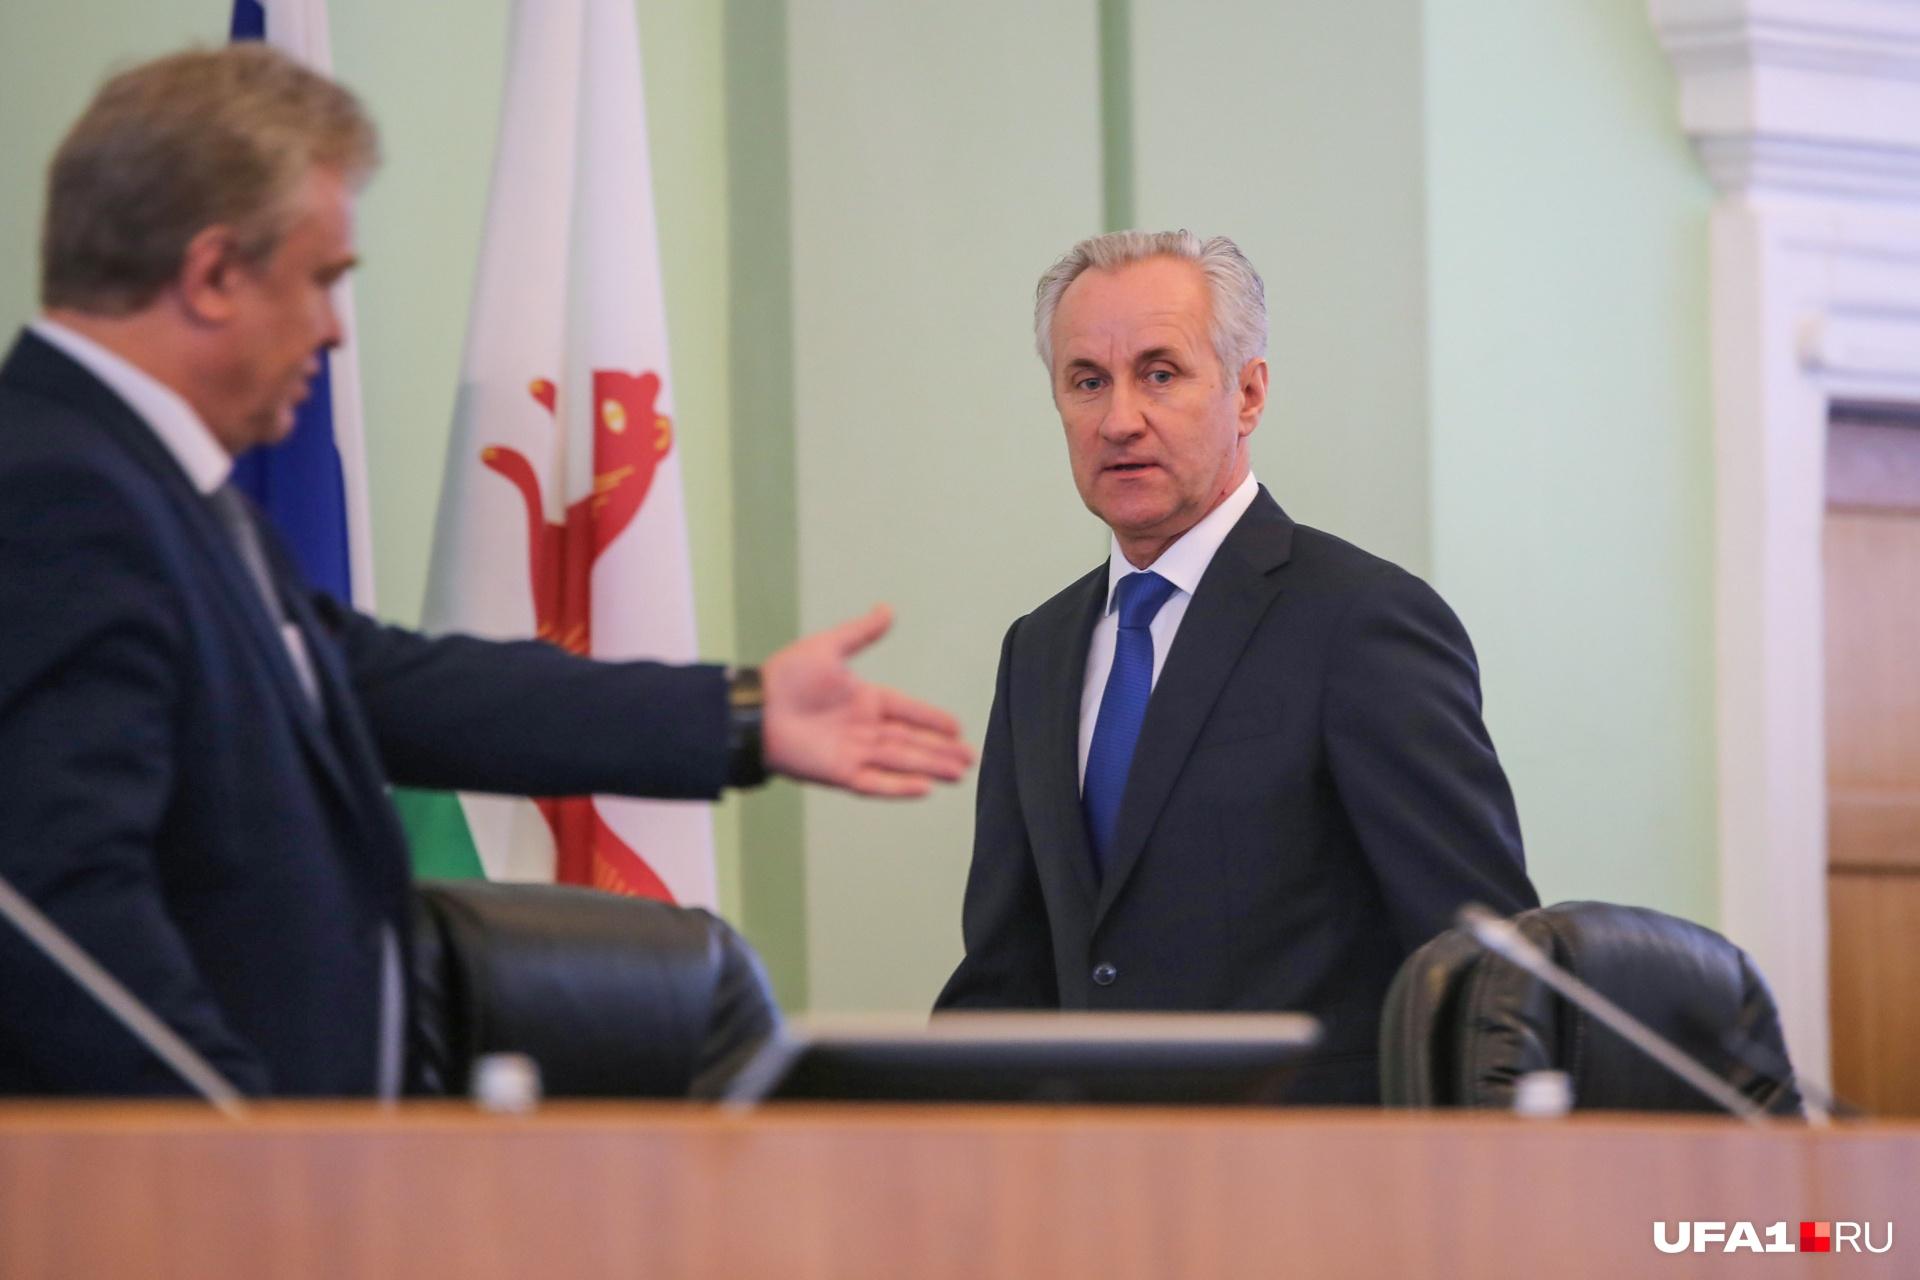 Сергей Греков докладывал о достижениях и проблемах Уфы почти 40 минут